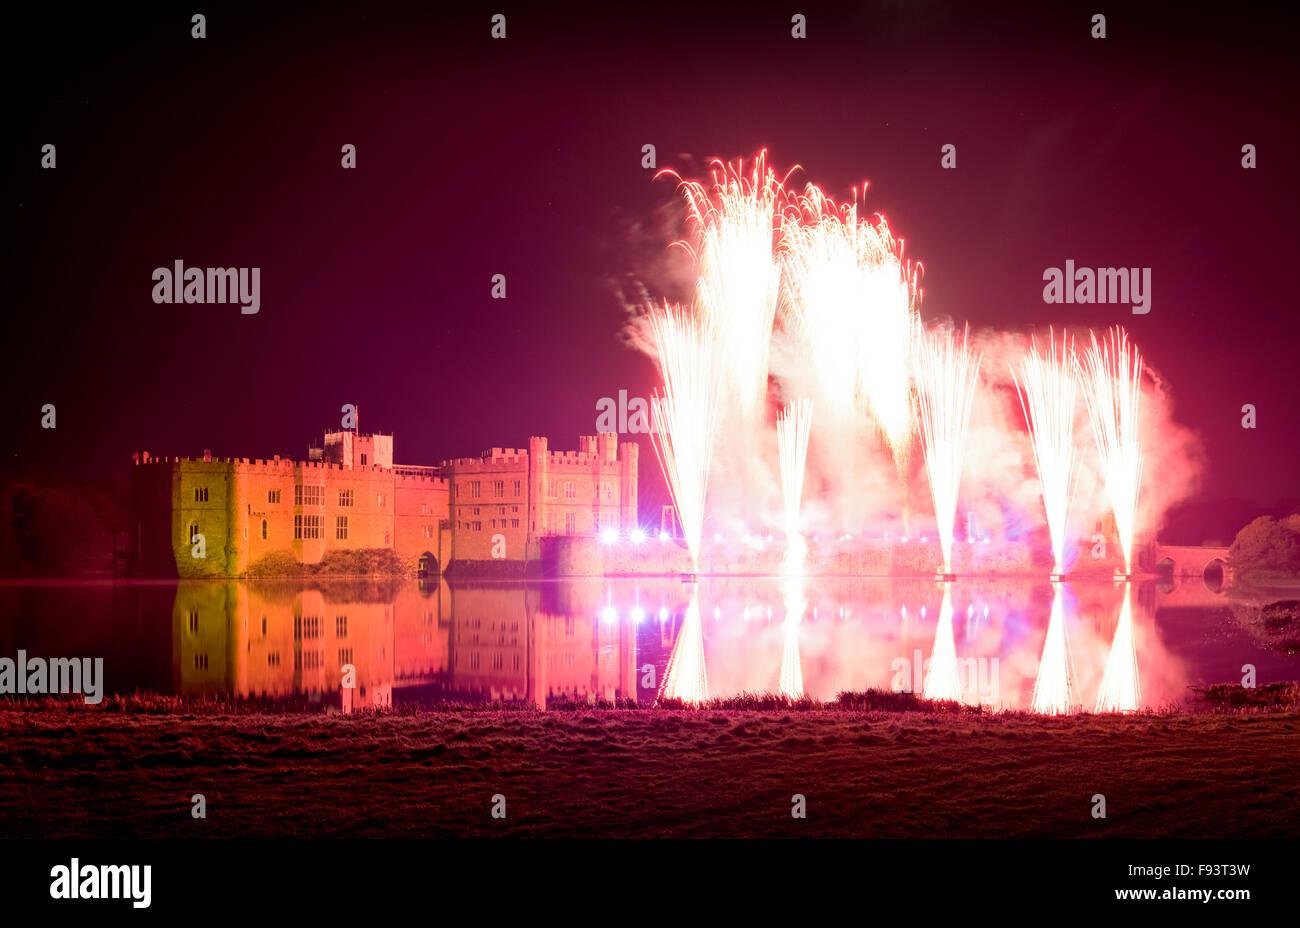 Das jährliche Feuerwerk an der Leeds Castle, Maidstone, Kent, Großbritannien. Stockbild